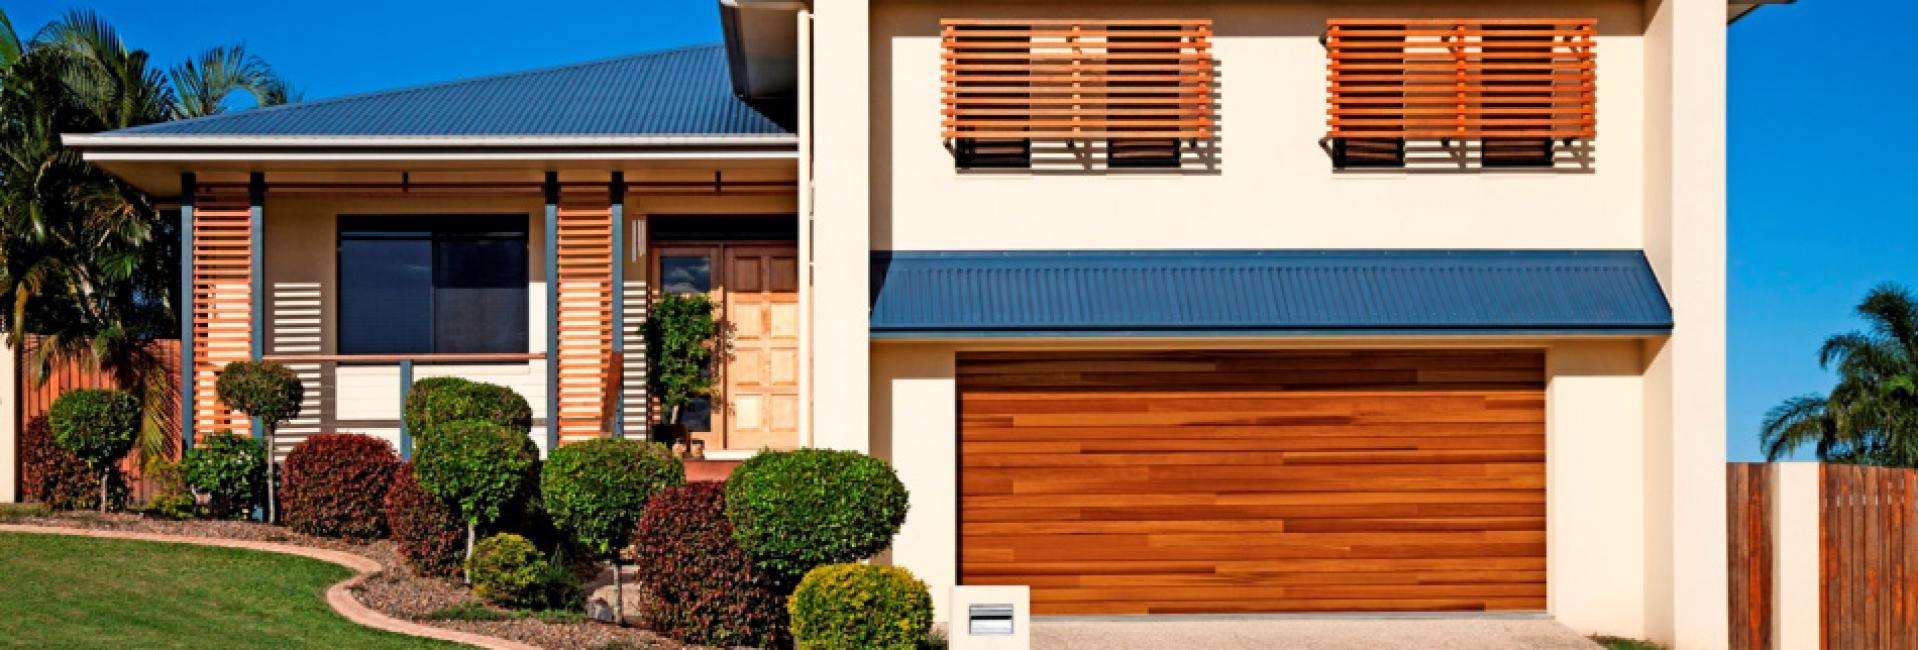 Residential Planks